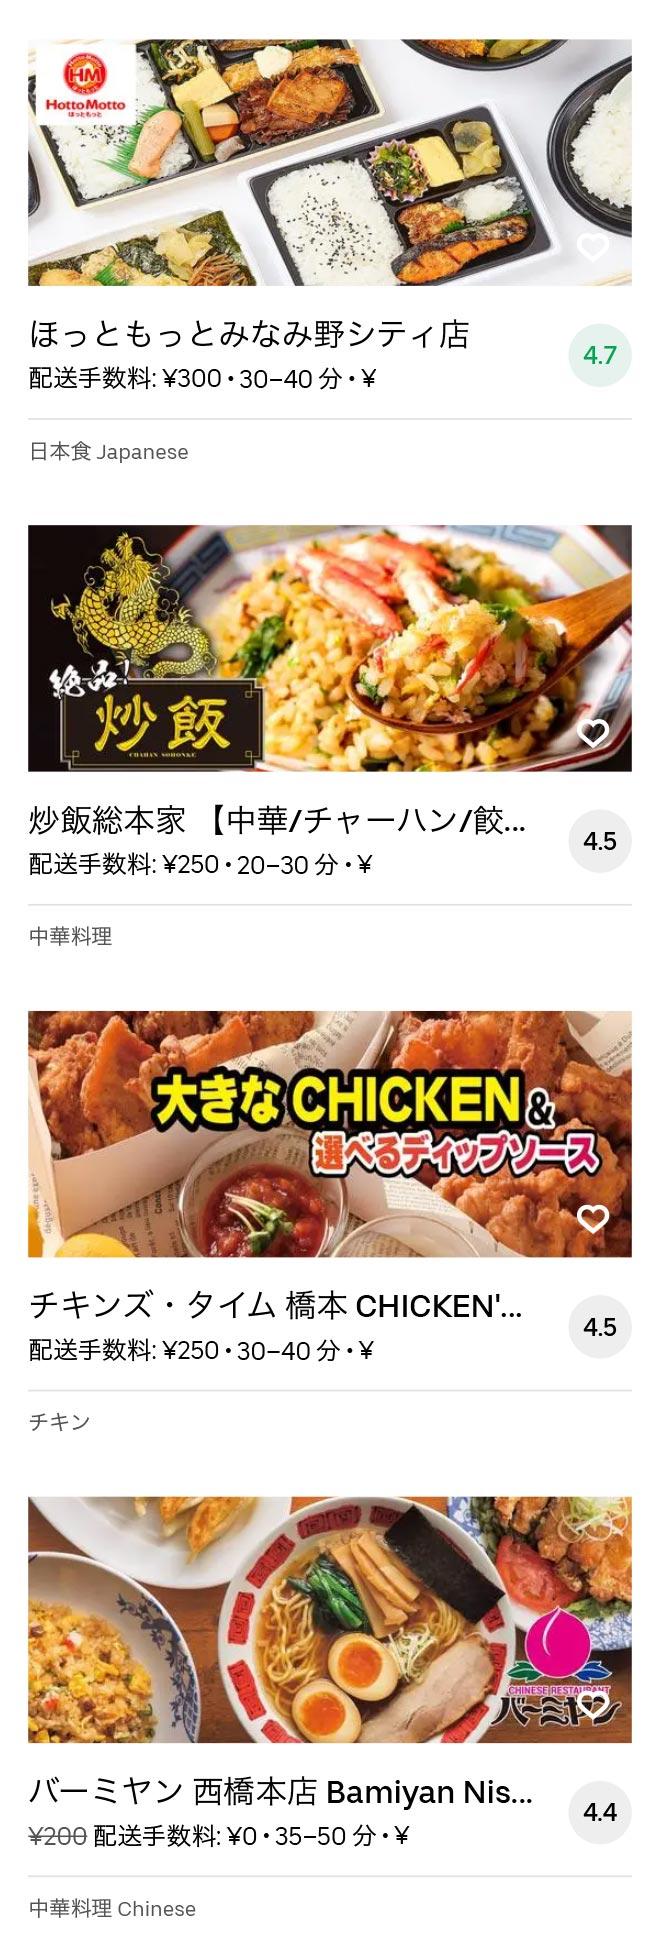 Aihara menu 2010 06